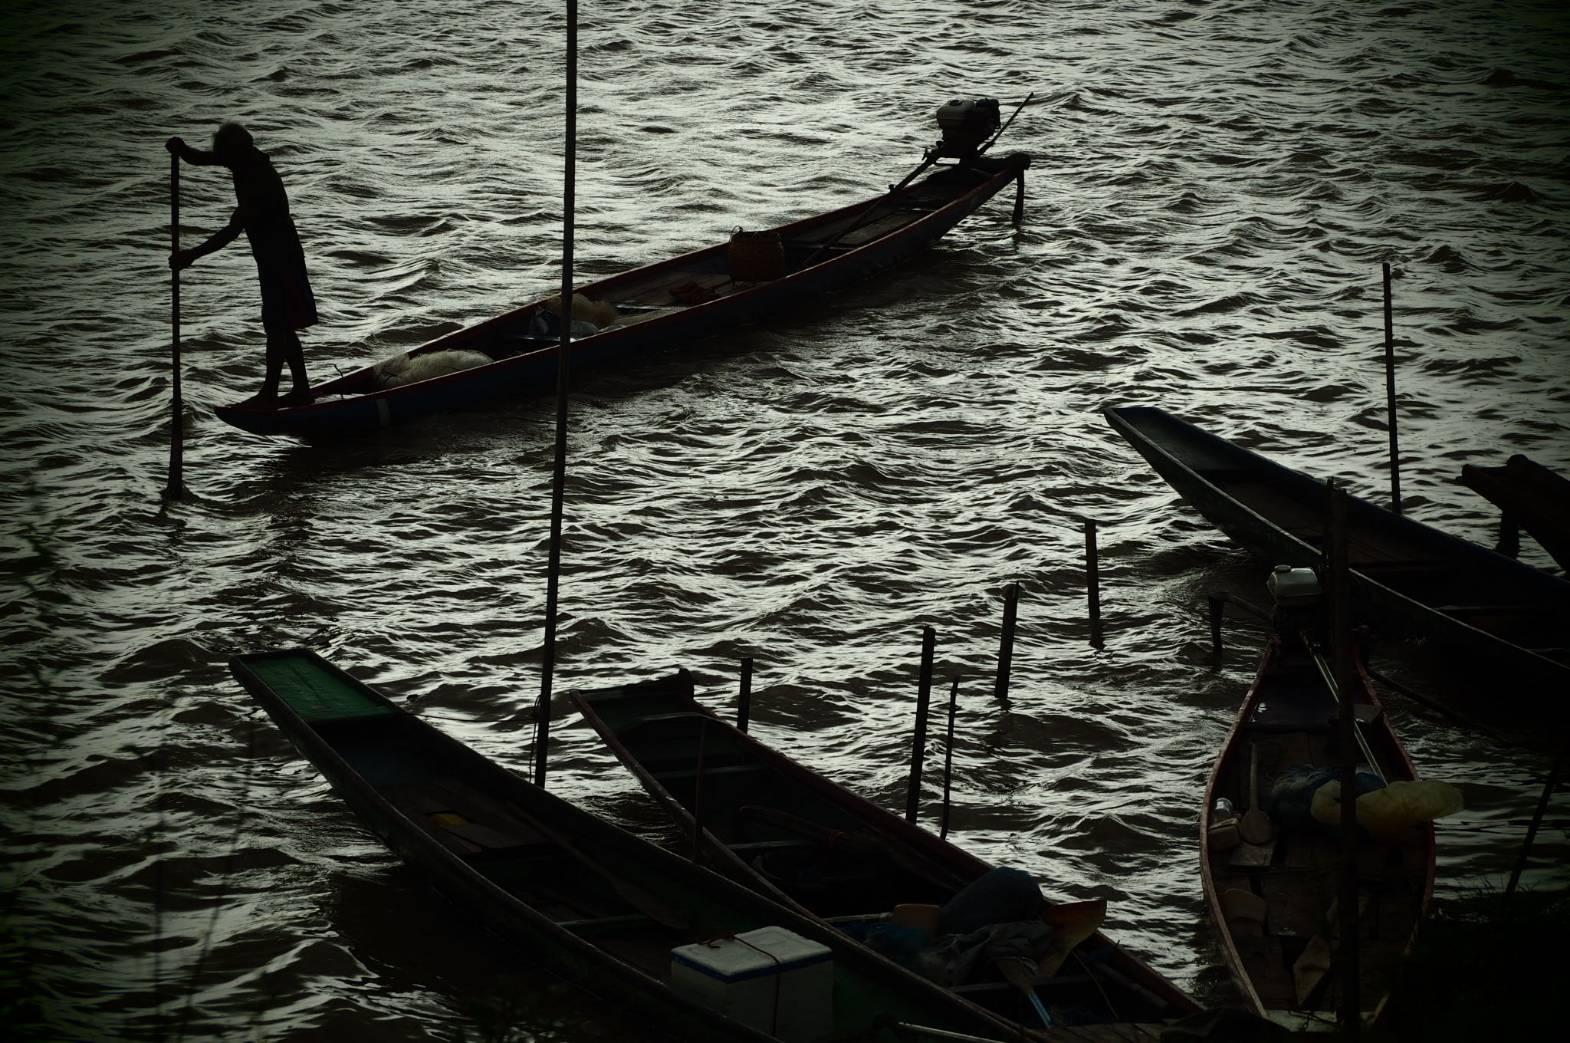 สถานการณ์น้ำของไทยมีแนวโน้มเสี่ยงต่อการขาดแคลนน้ำ